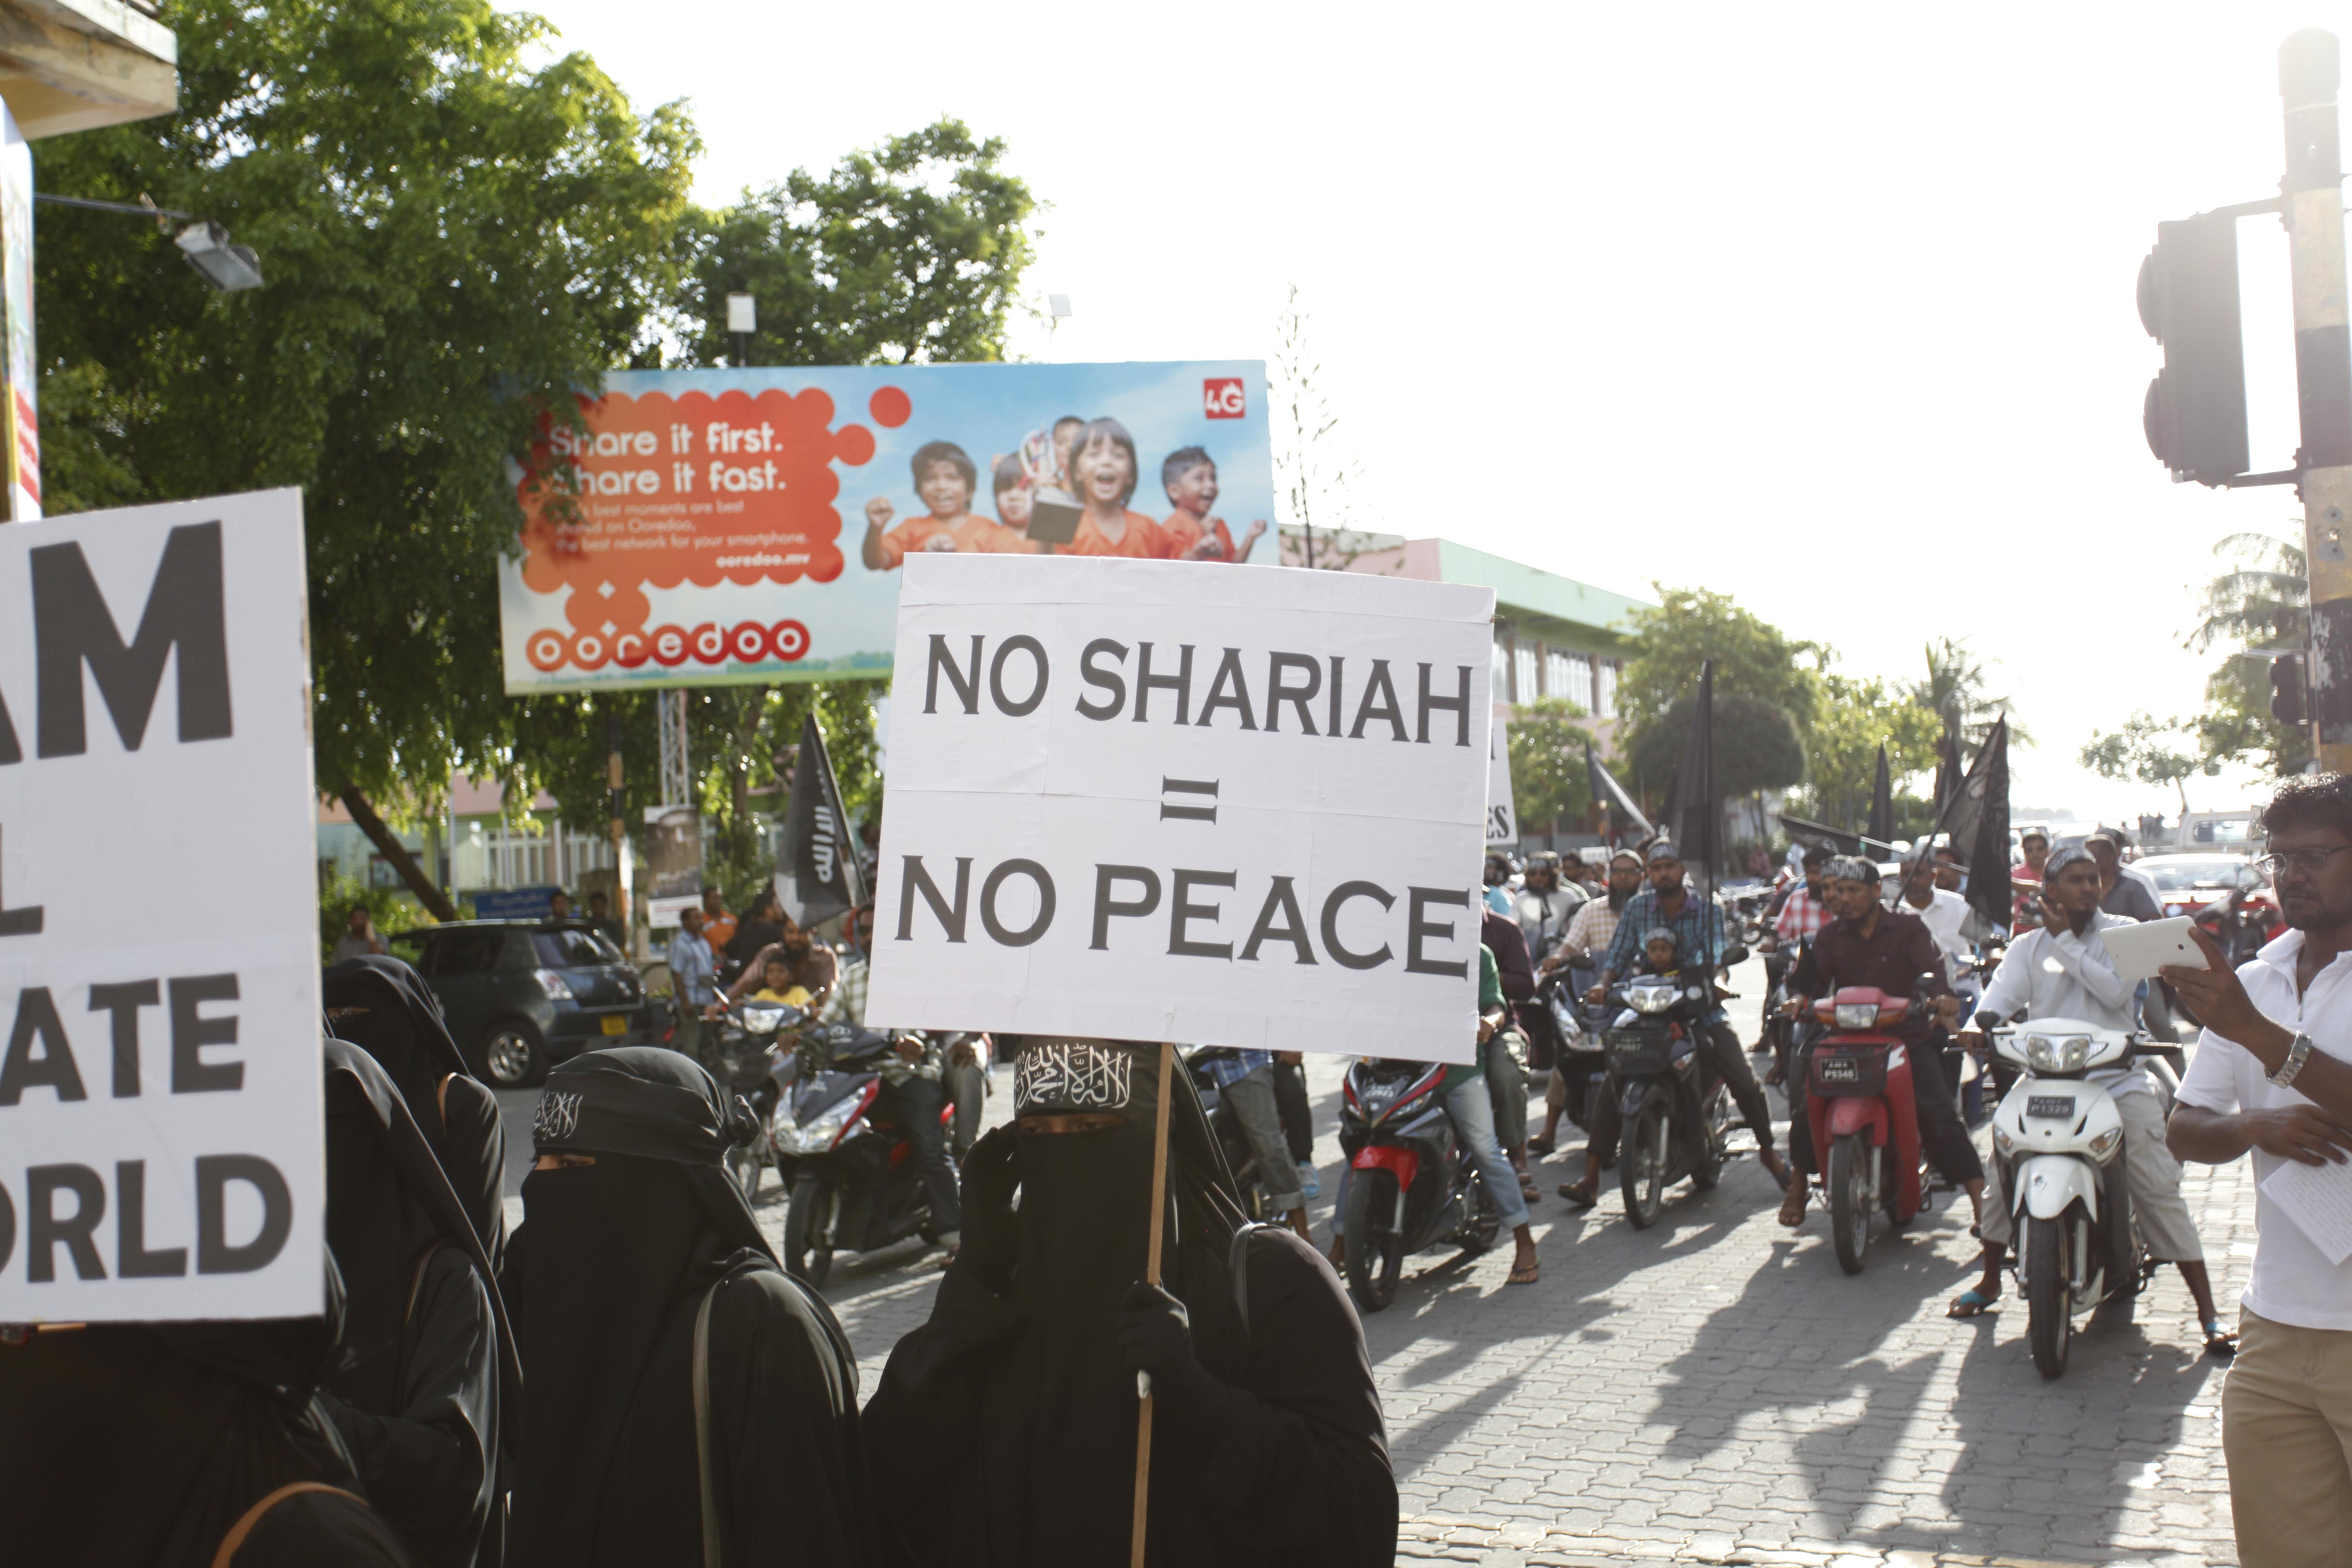 No Sharia, No Peace